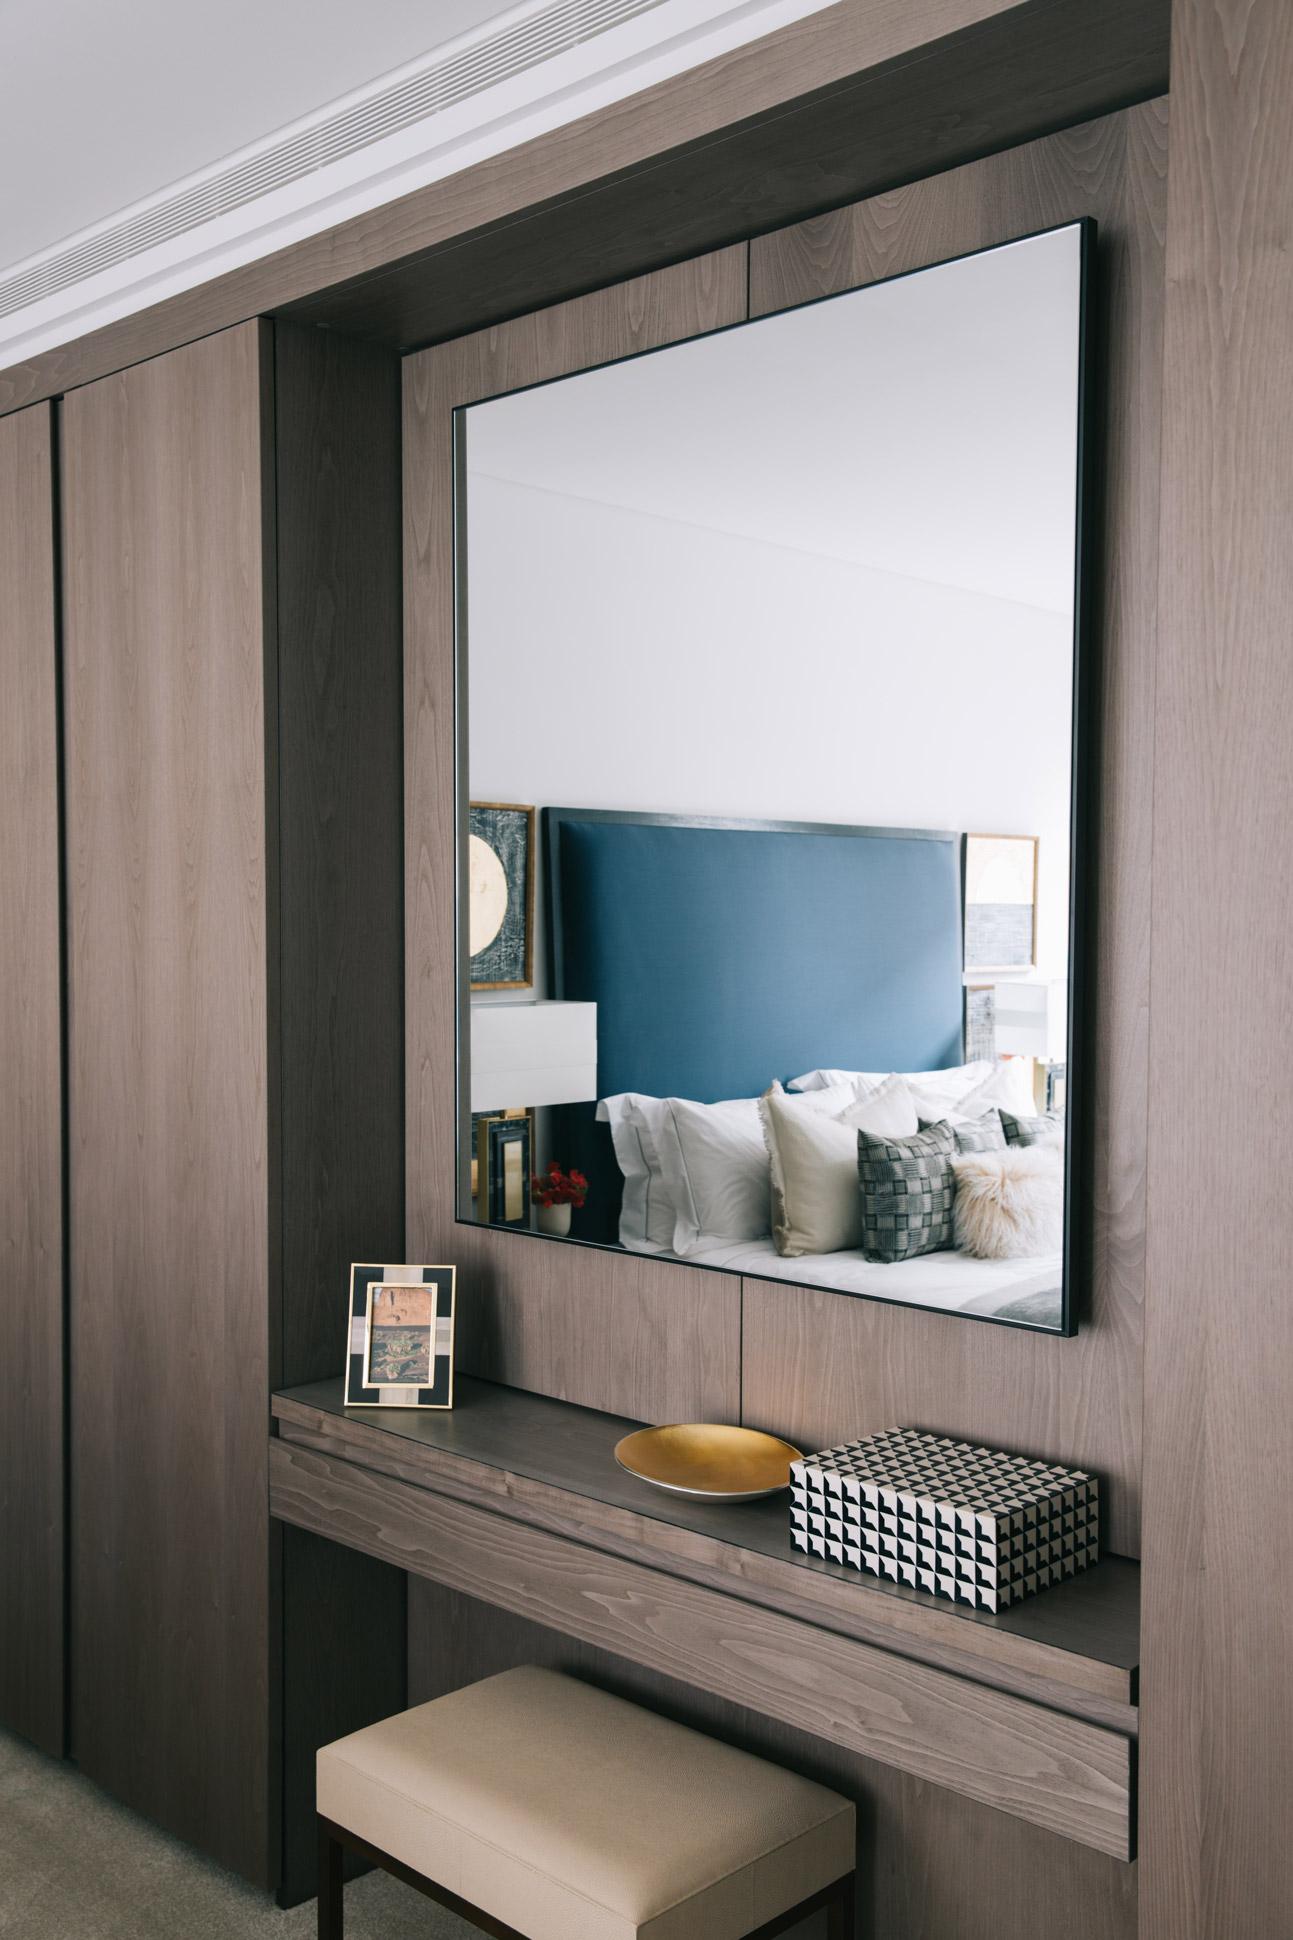 A_LONDON_Holland_Park_Villas_18_Bedroom.jpg